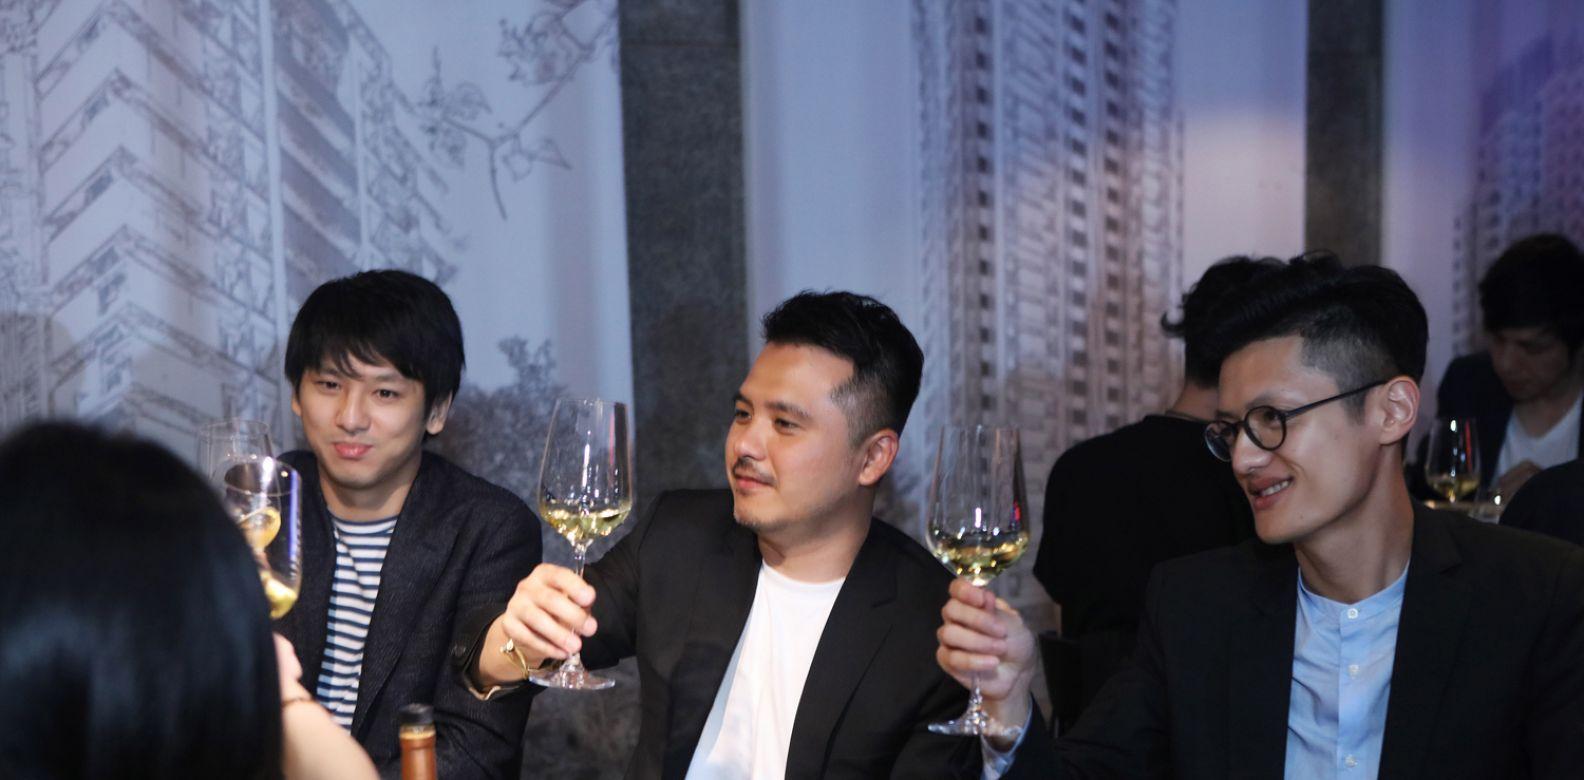 本屆入選者張渝歌、蔡宗賢與顏邑丞。(喝酒不開車,安全有保障)